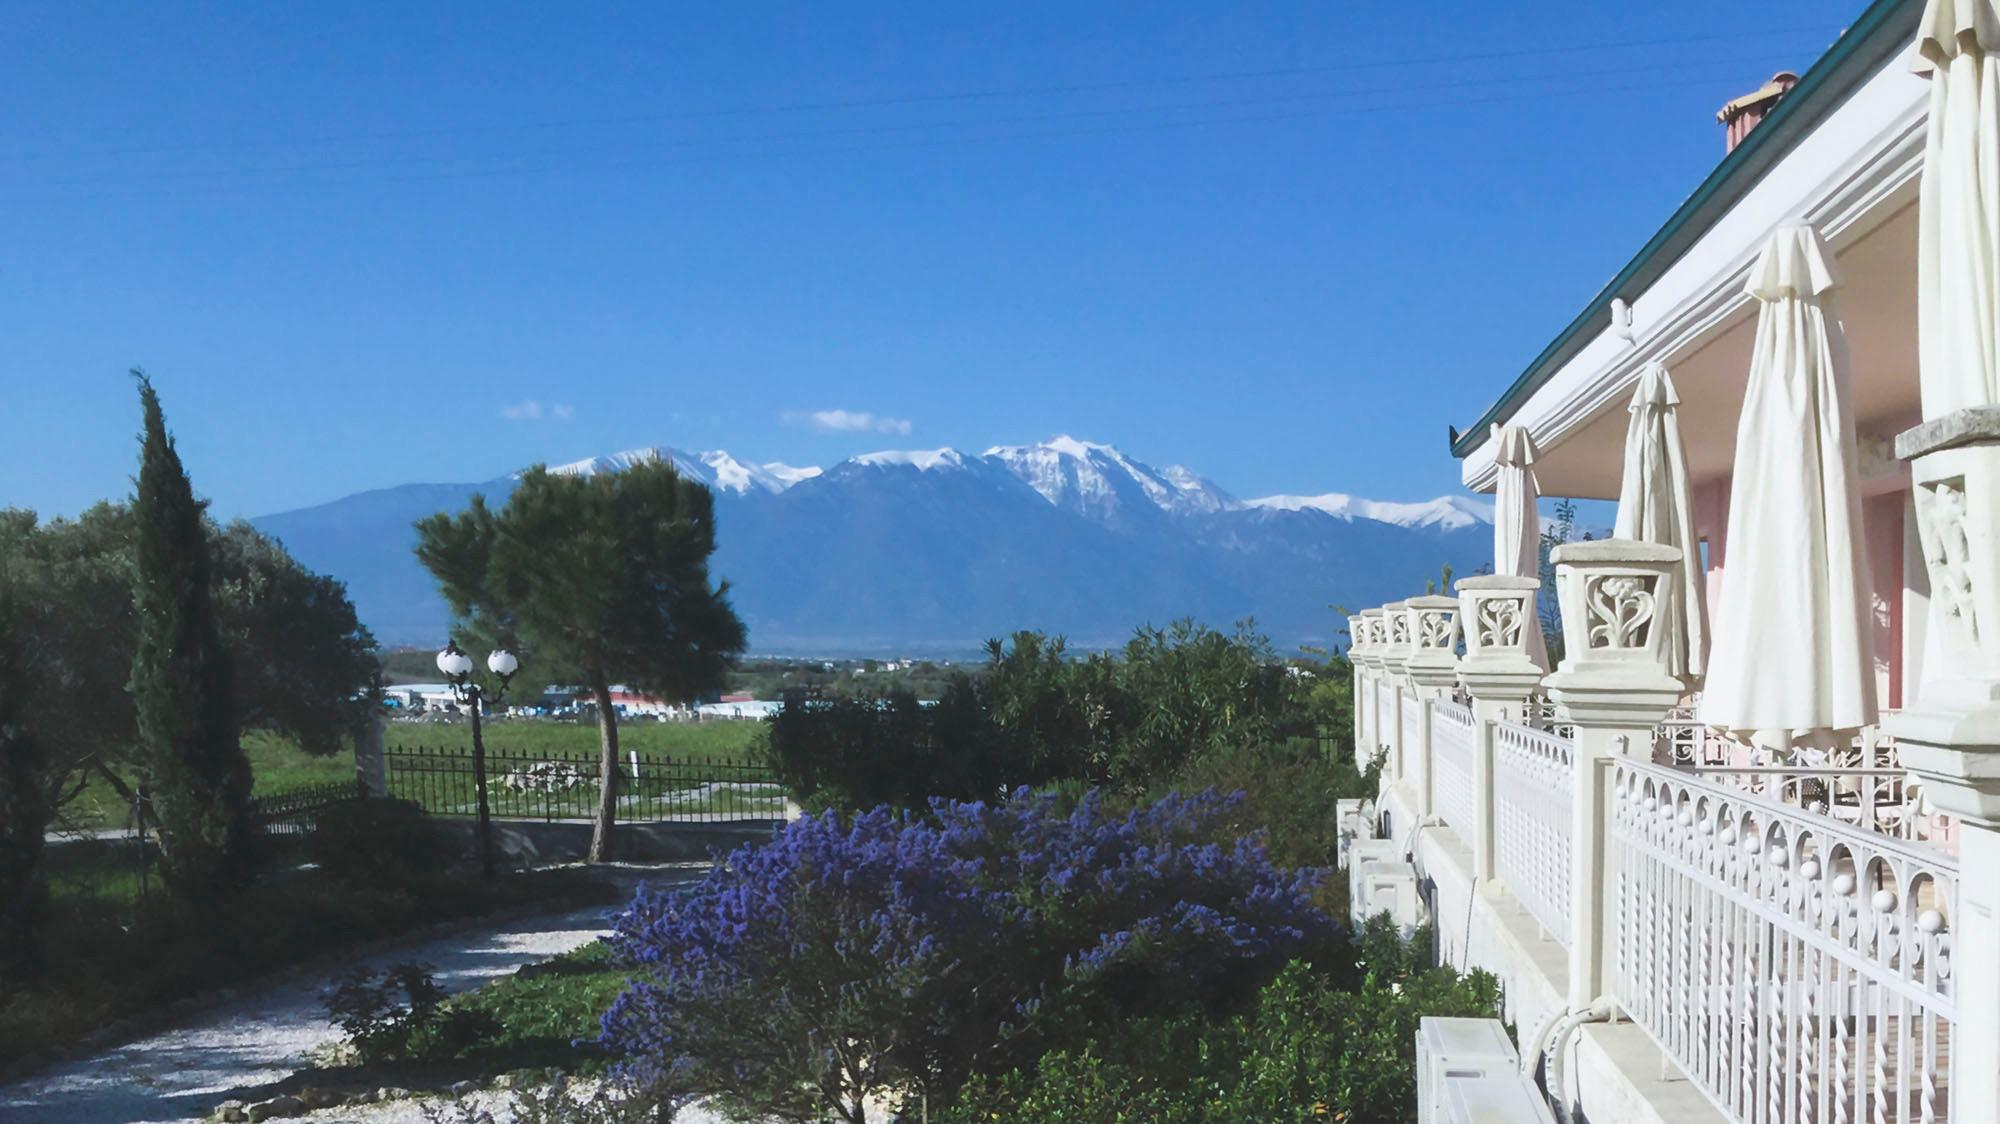 GRVO Die Dachterrasse des griechischen Rolli-Hotels Villa Olymp am Meer.